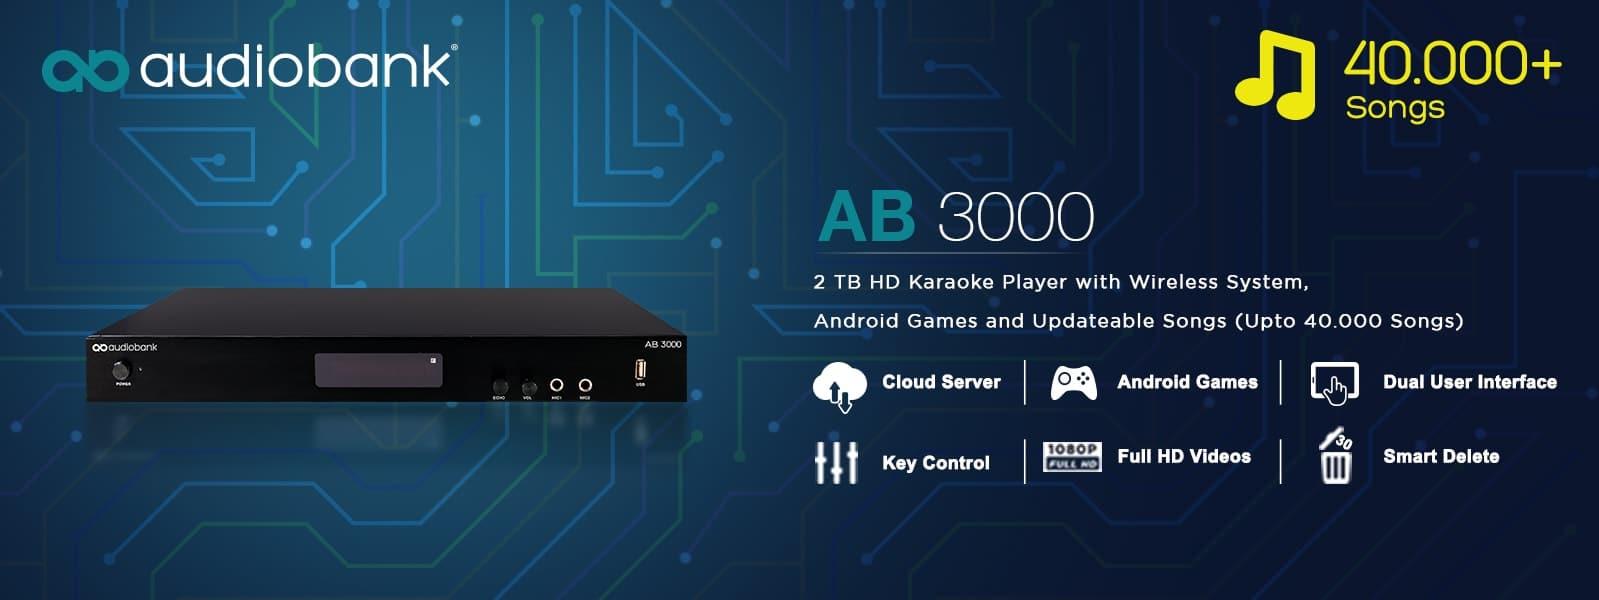 Bless Audio - Audiobank AB-3000 + Hdd 4 Tera(70.000 Lagu)Full Hd 1080 P - Blanja.com